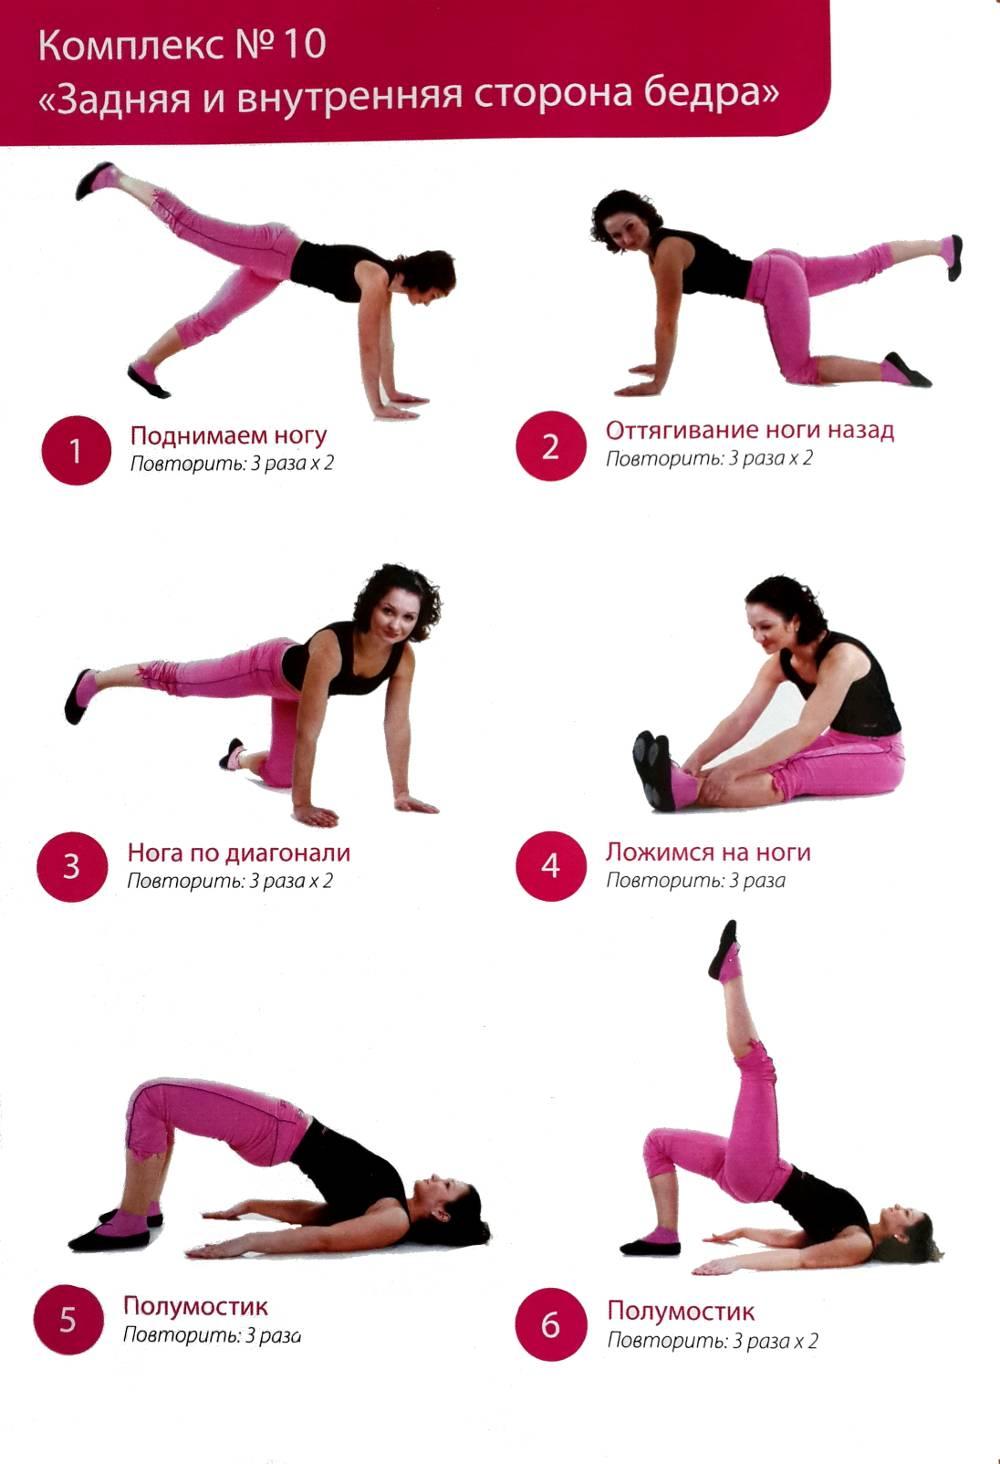 Какие упражнения для похудения в домашних условиях являются самыми эффективными?